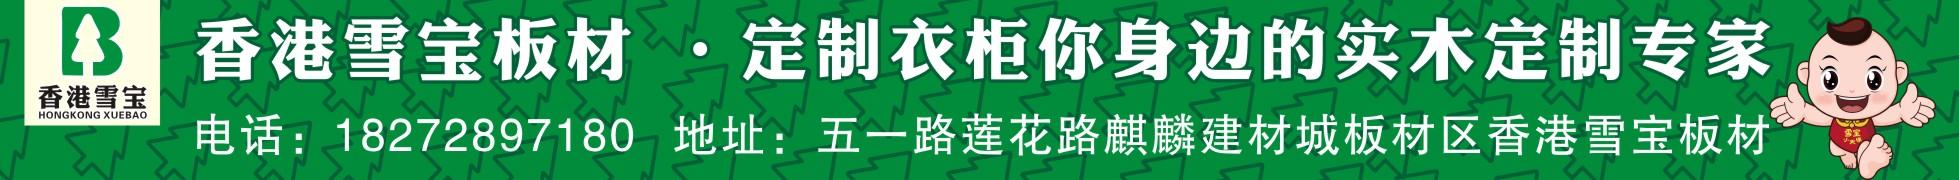 周口香港雪宝板材・定制衣柜